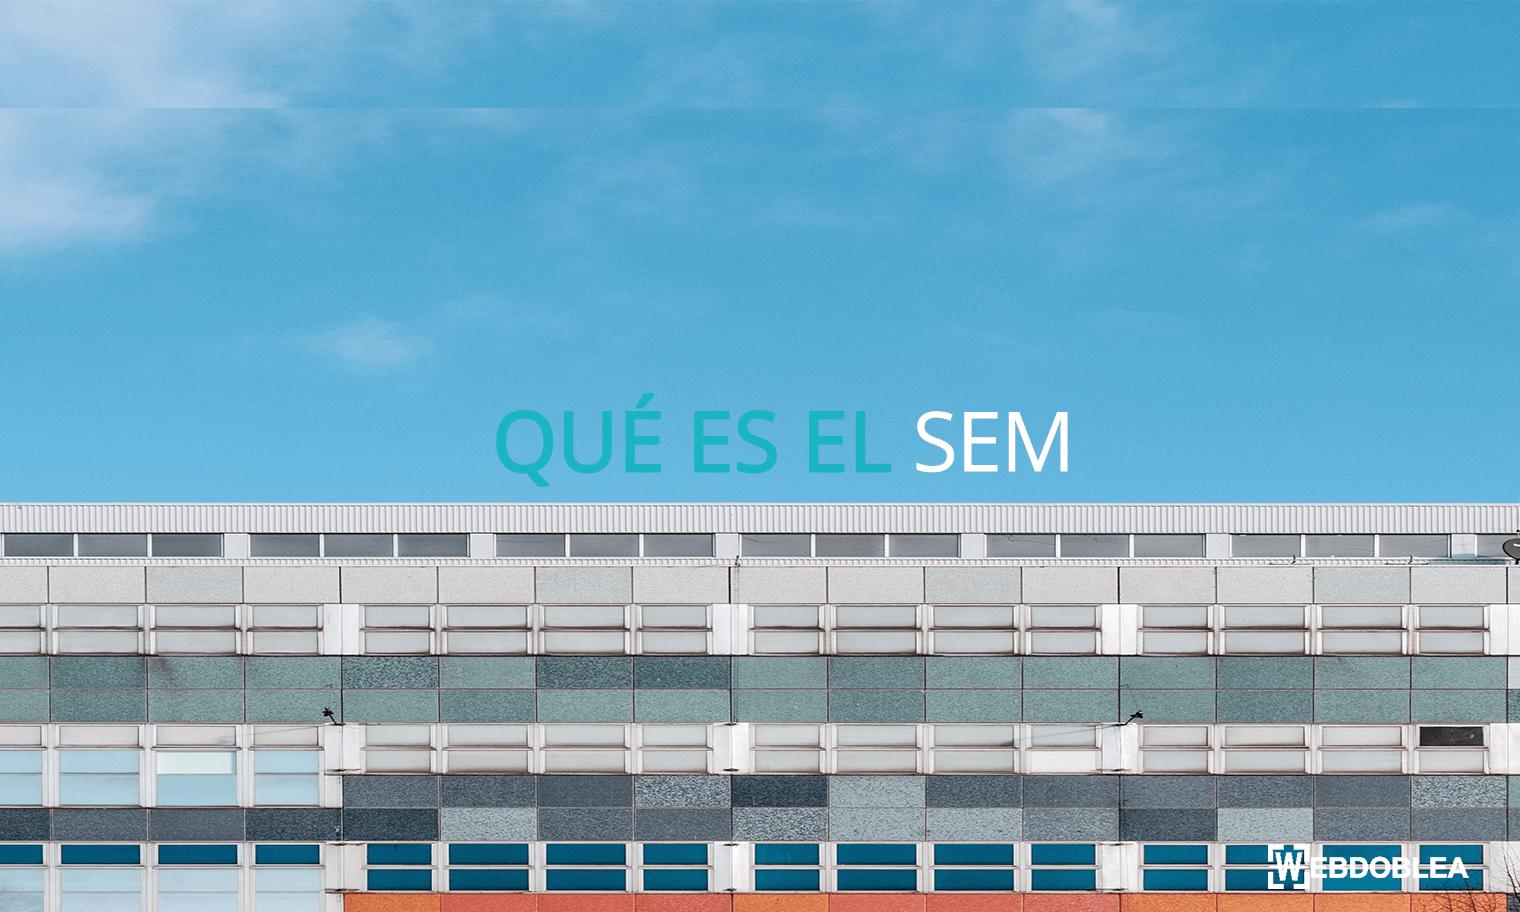 que_es_el_sem